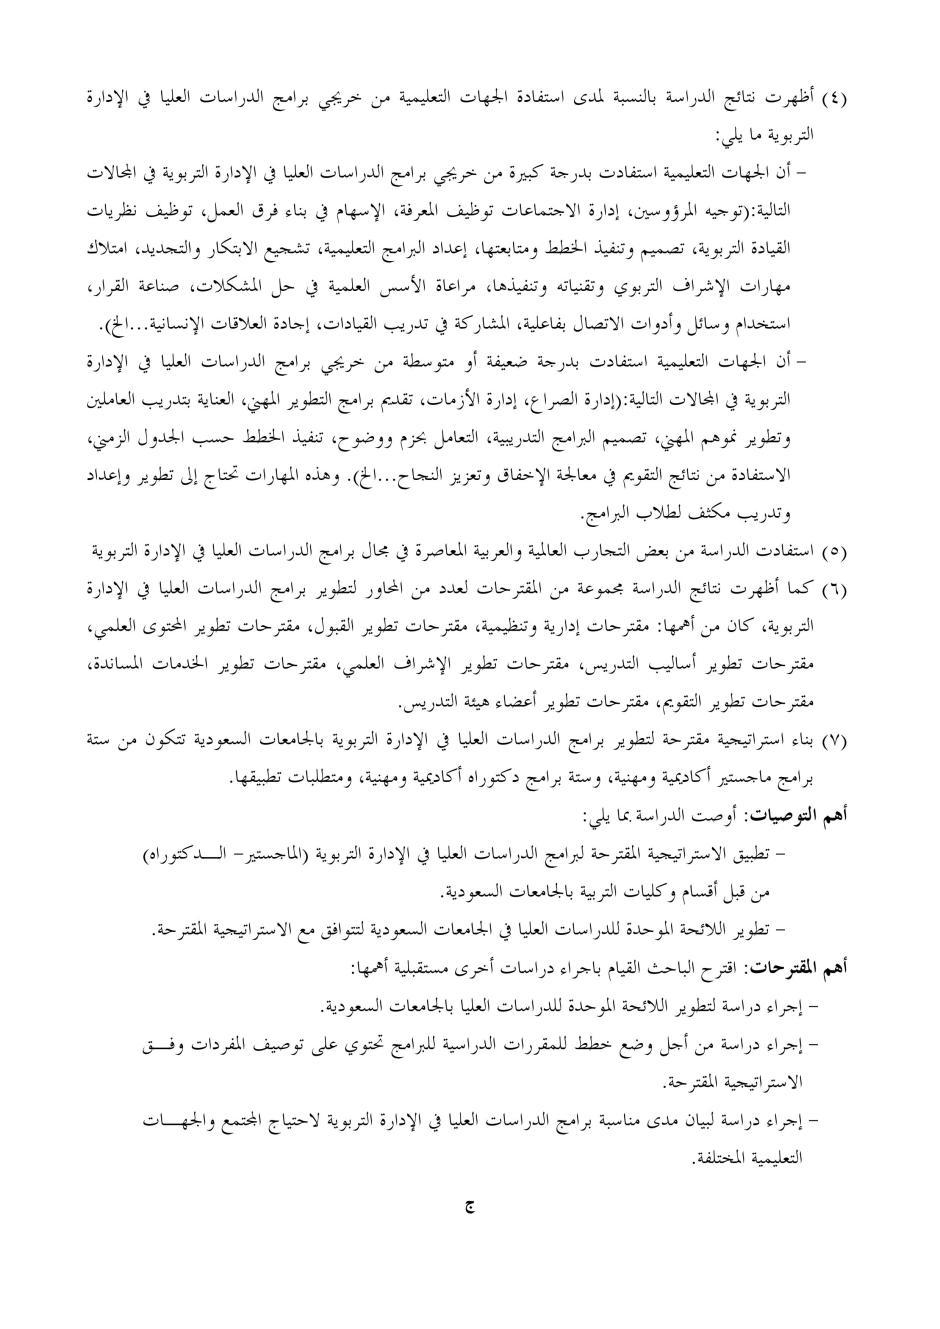 ملخص خالد الثبيتي3